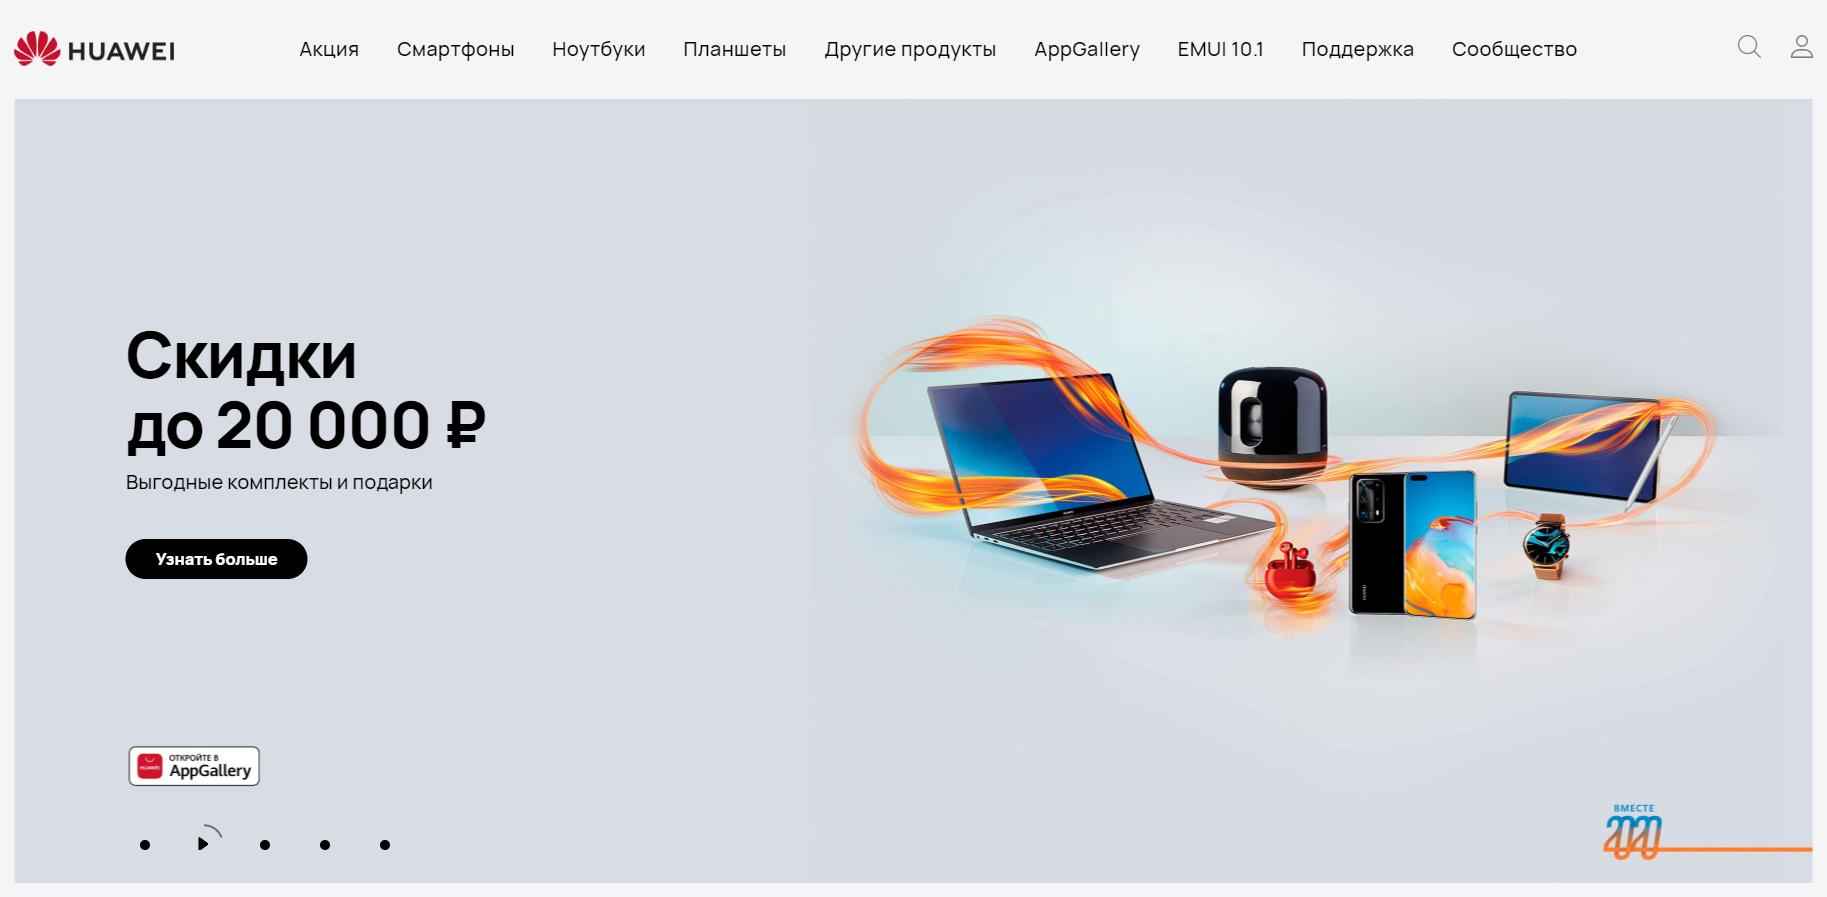 Сайт Хуавей Официальный На Русском Интернет Магазин